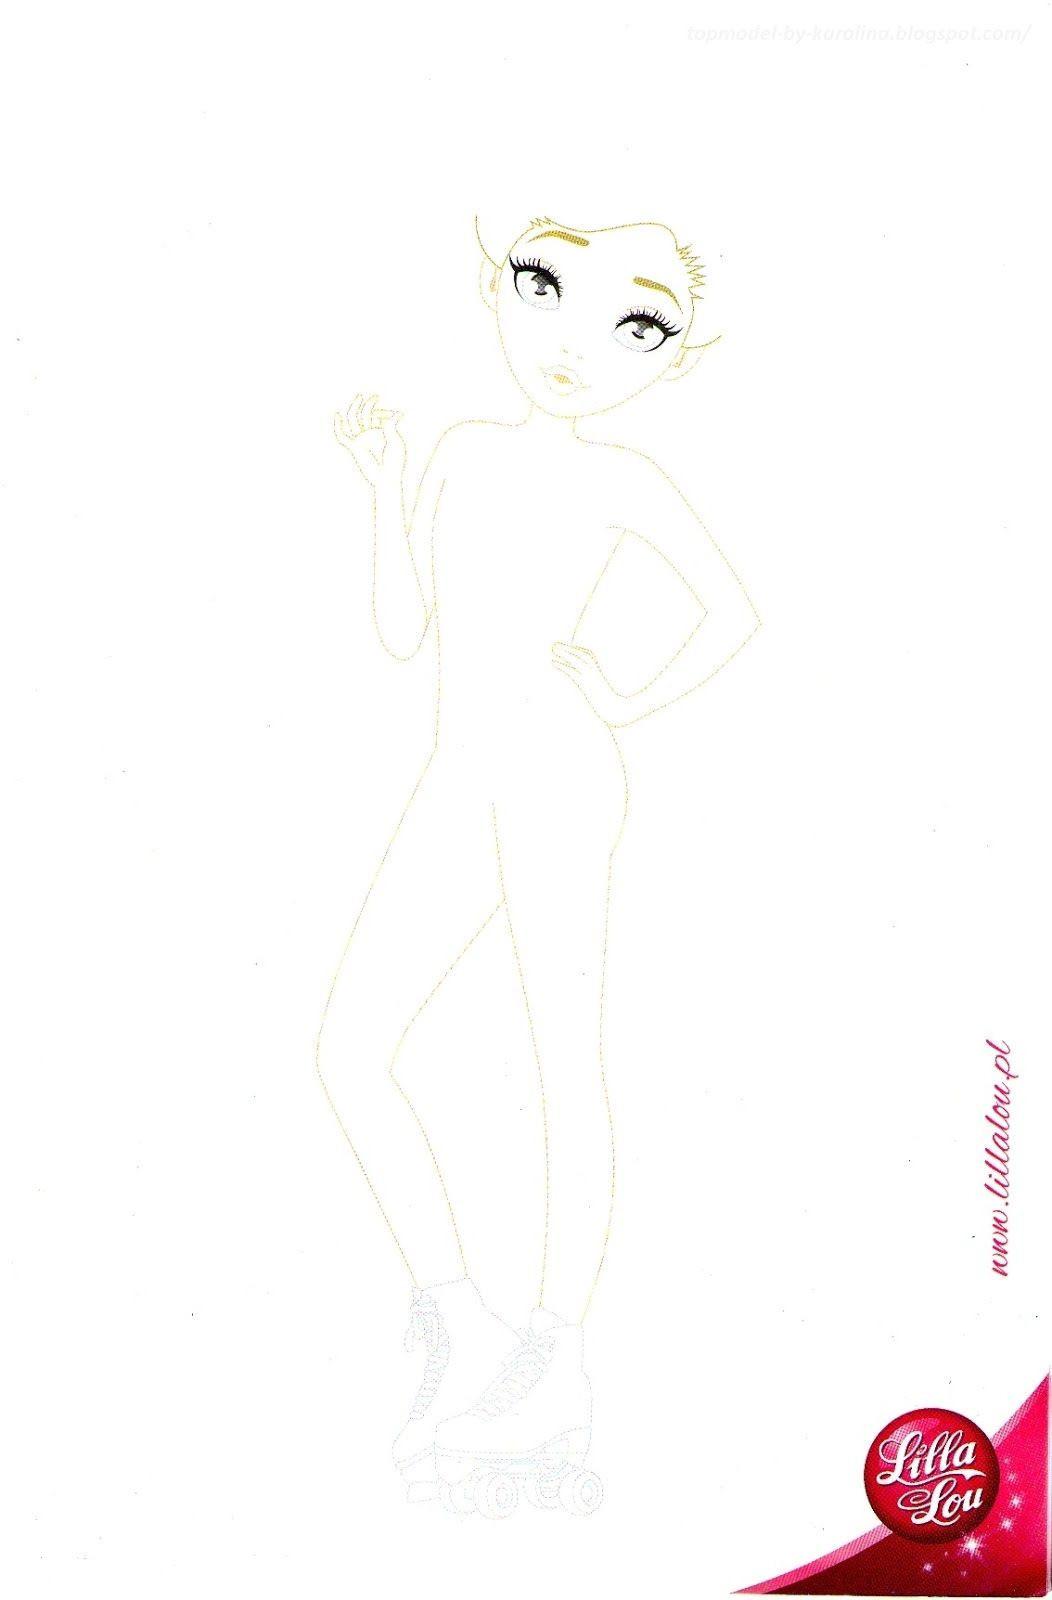 Ausmalbilder topmodel Meerjungfrau Frisch Ausmalbilder topmodel Meerjungfrau Elegant 35 Malvorlagen Kostenlos Bild